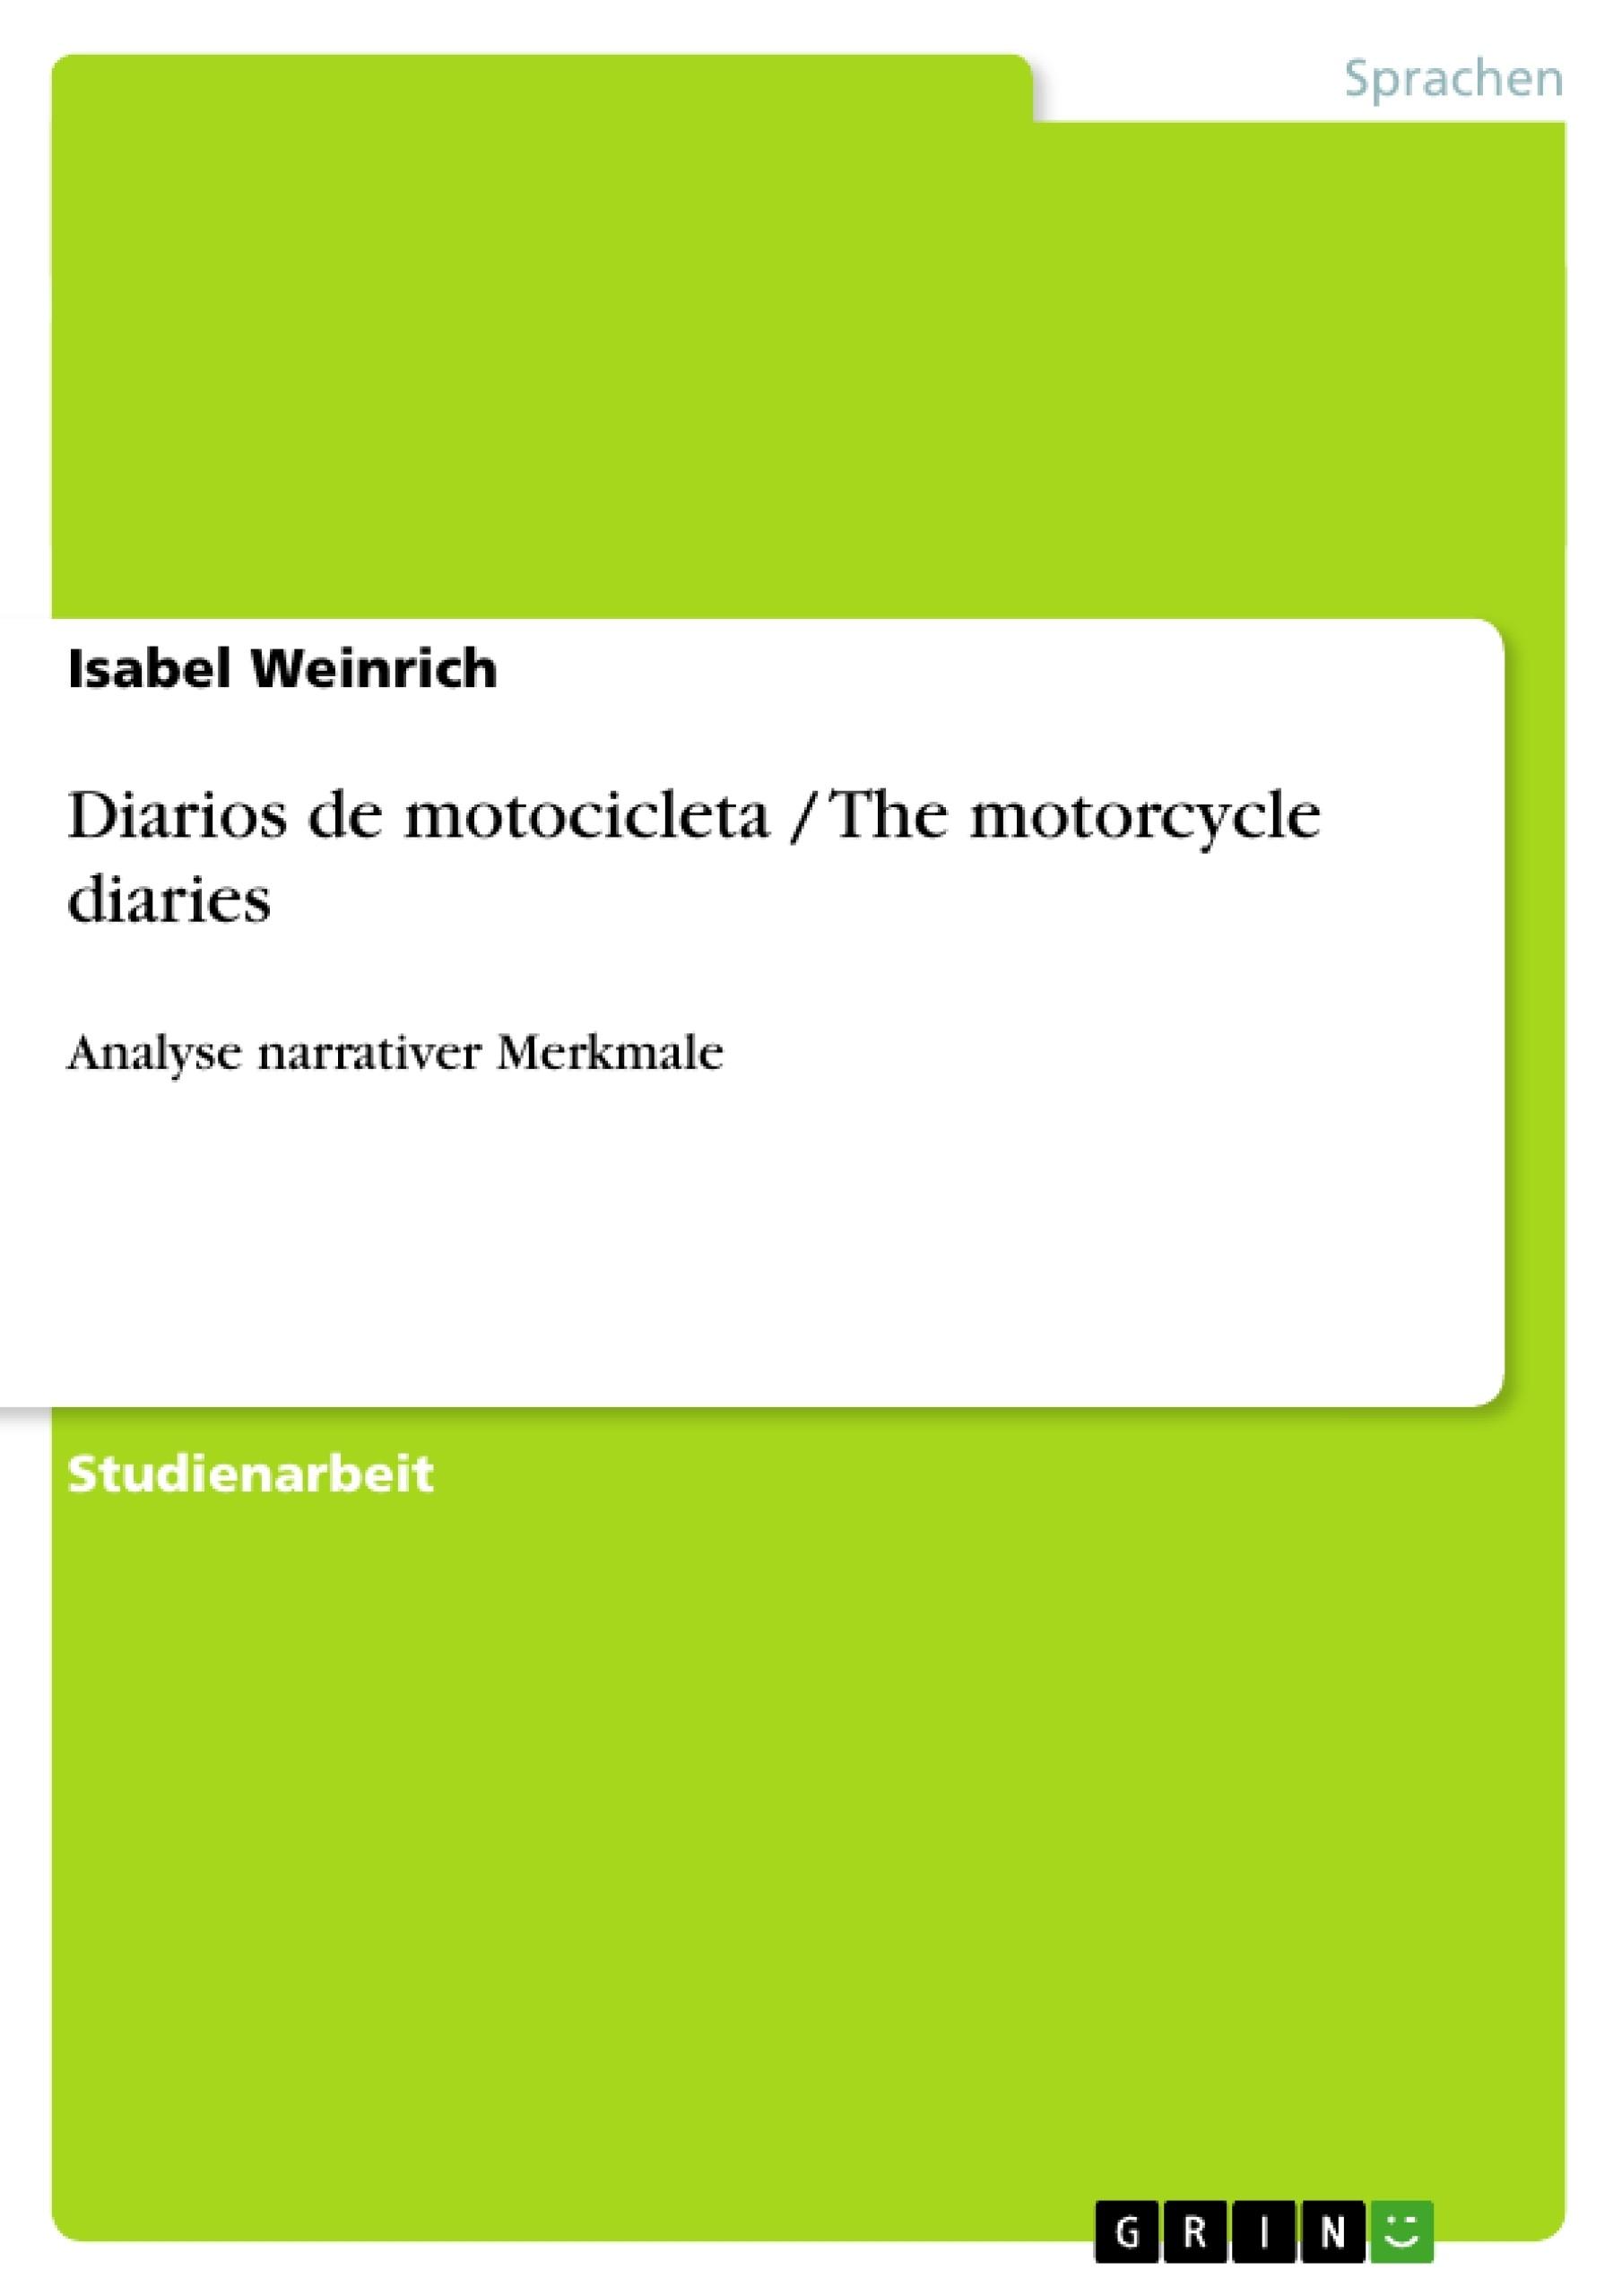 Titel: Diarios de motocicleta / The motorcycle diaries